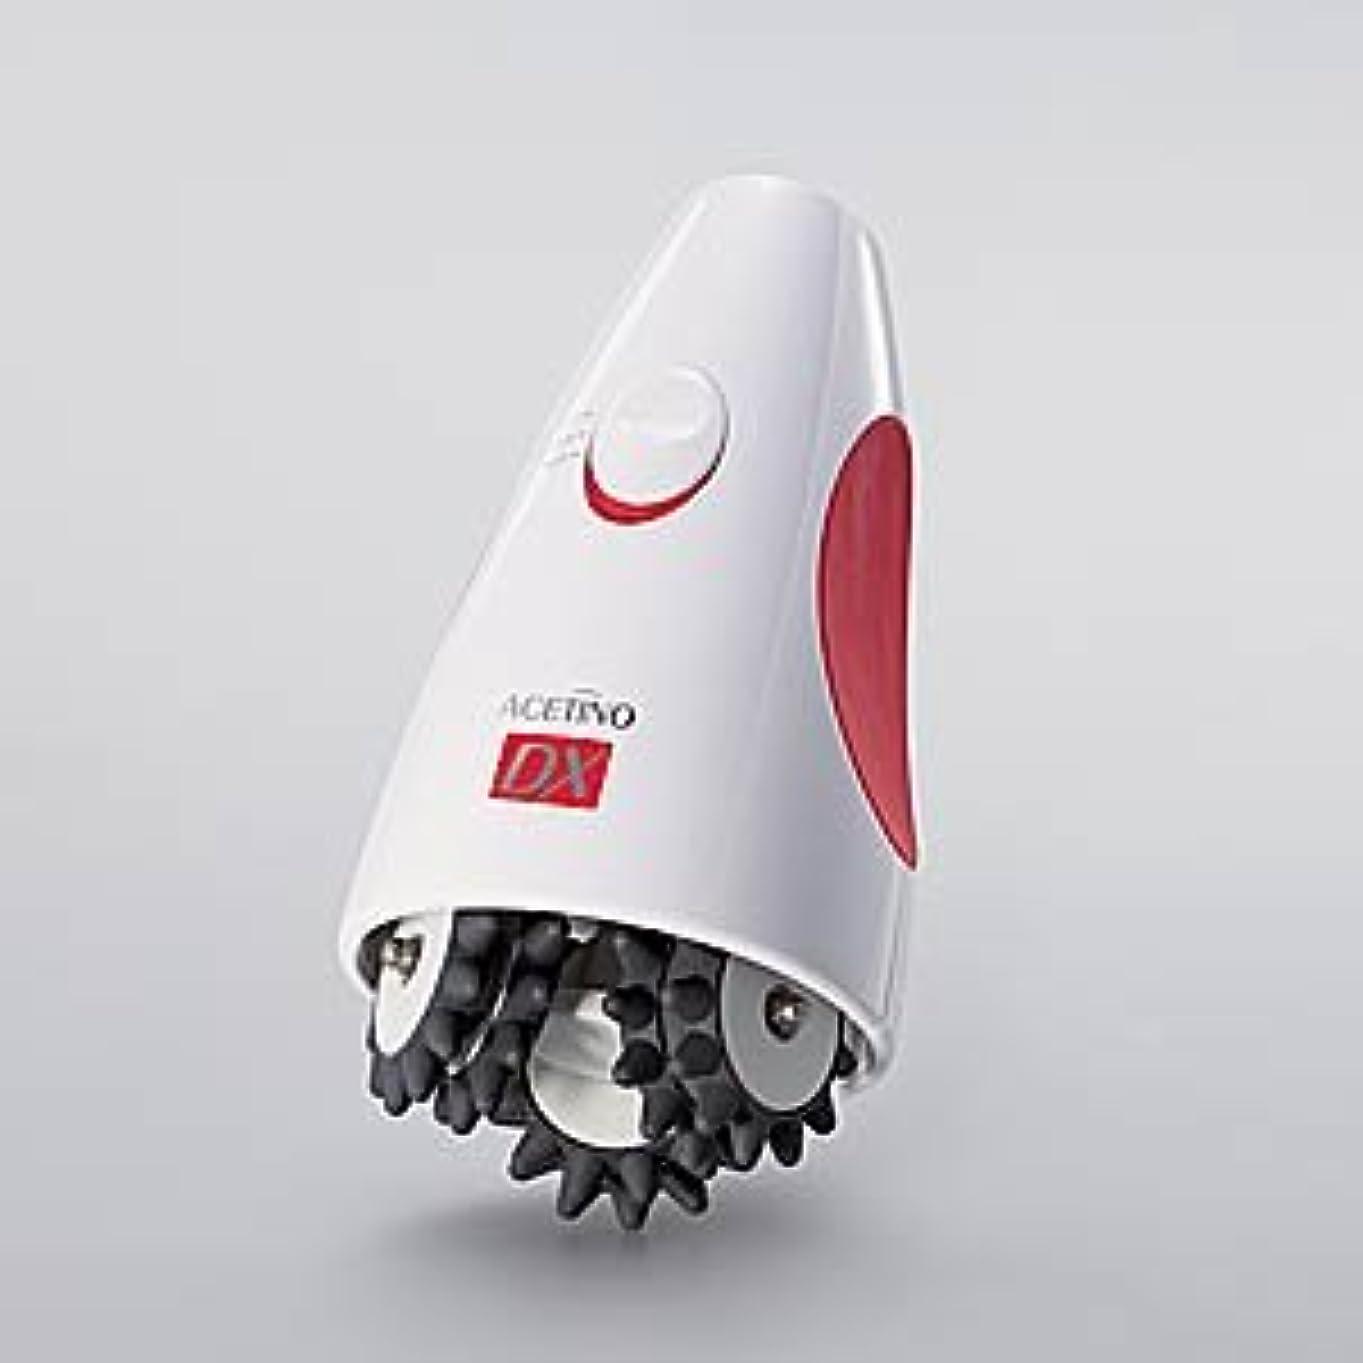 解き明かす圧縮スペシャリストヤーマン アセチノセルビーDXYA-MAN アセチノDX IB-16